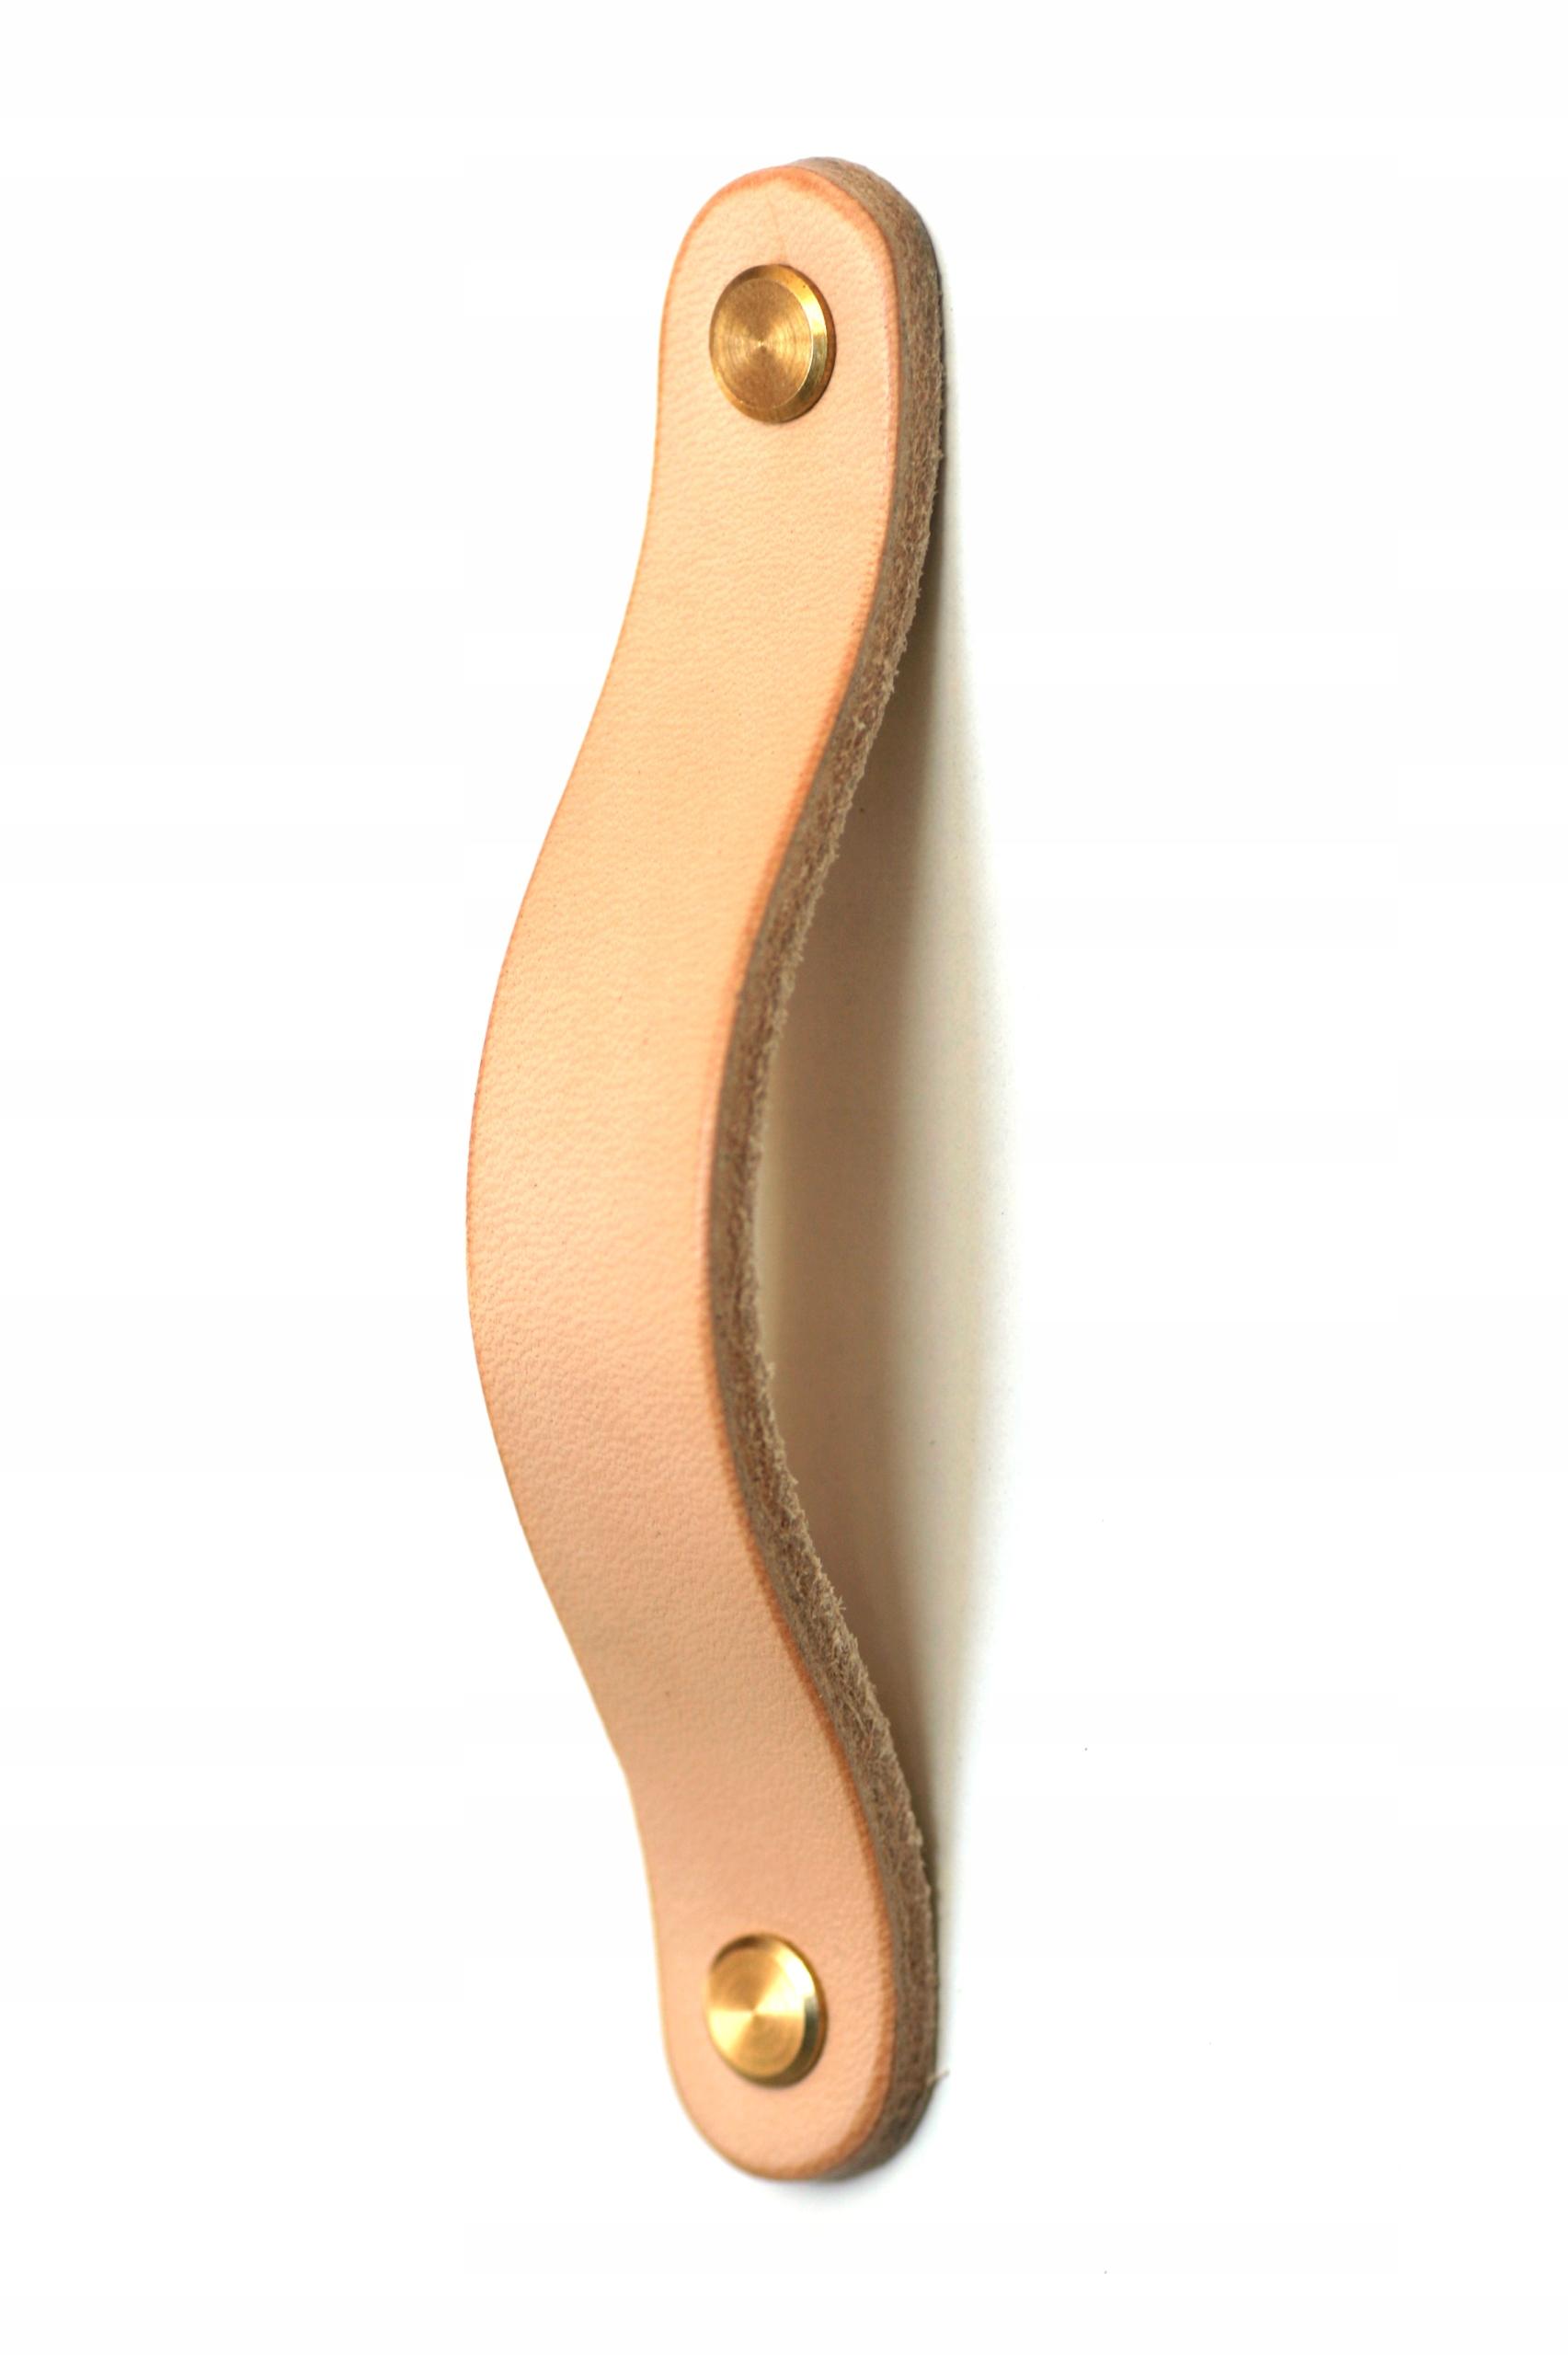 Ручка мебельная кожаная, для мебели, 128мм, ЦВЕТА!